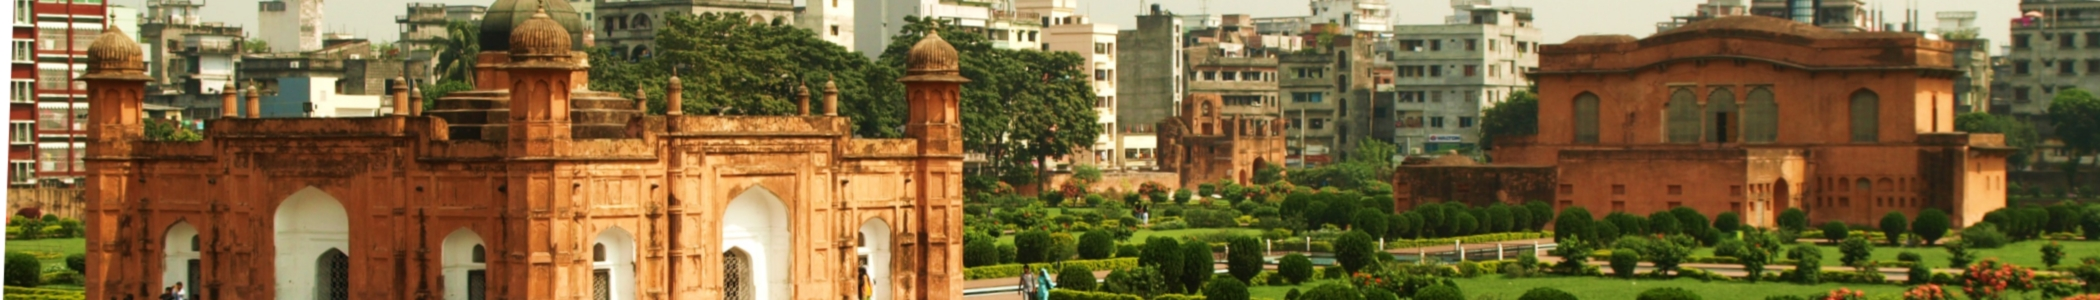 Dhaka Old Dhaka Travel Guide At Wikivoyage